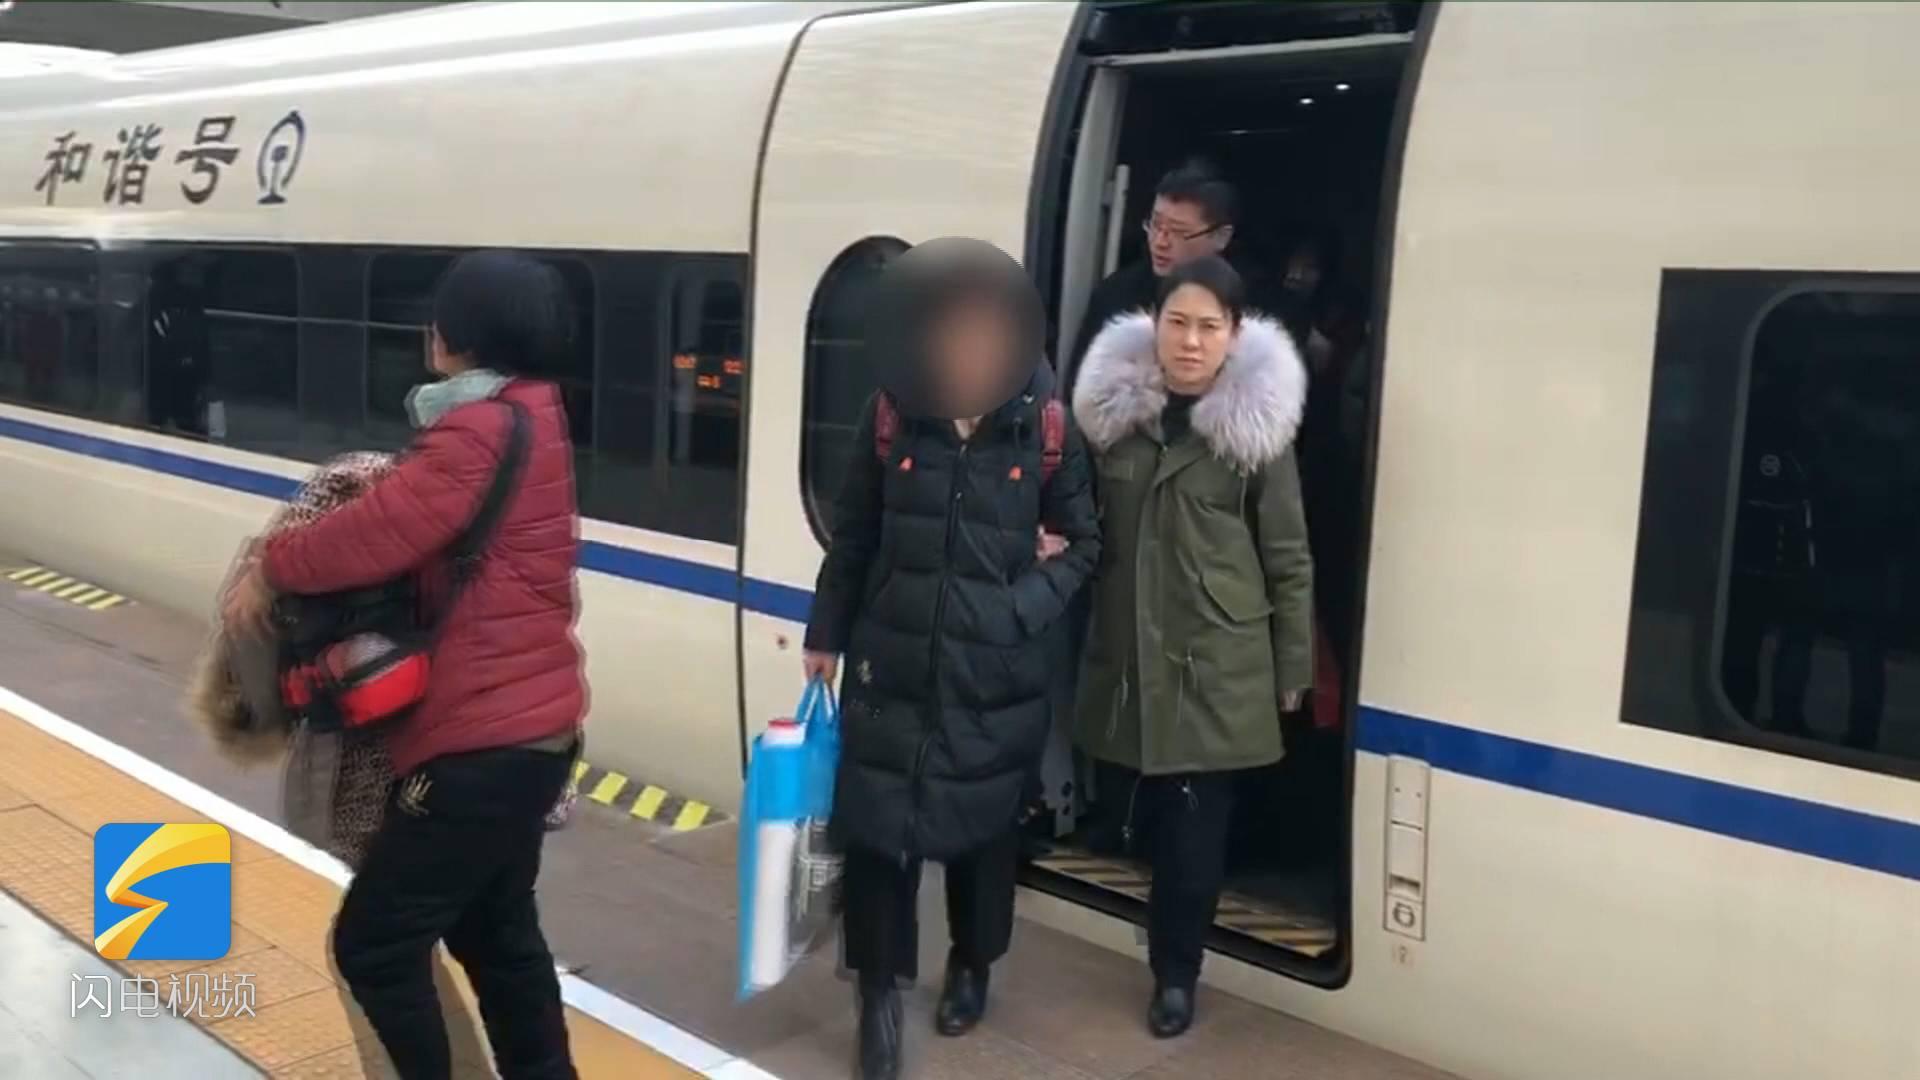 64秒| 青岛站一旅客安检时顺走别人物品 下车前十分钟被抓